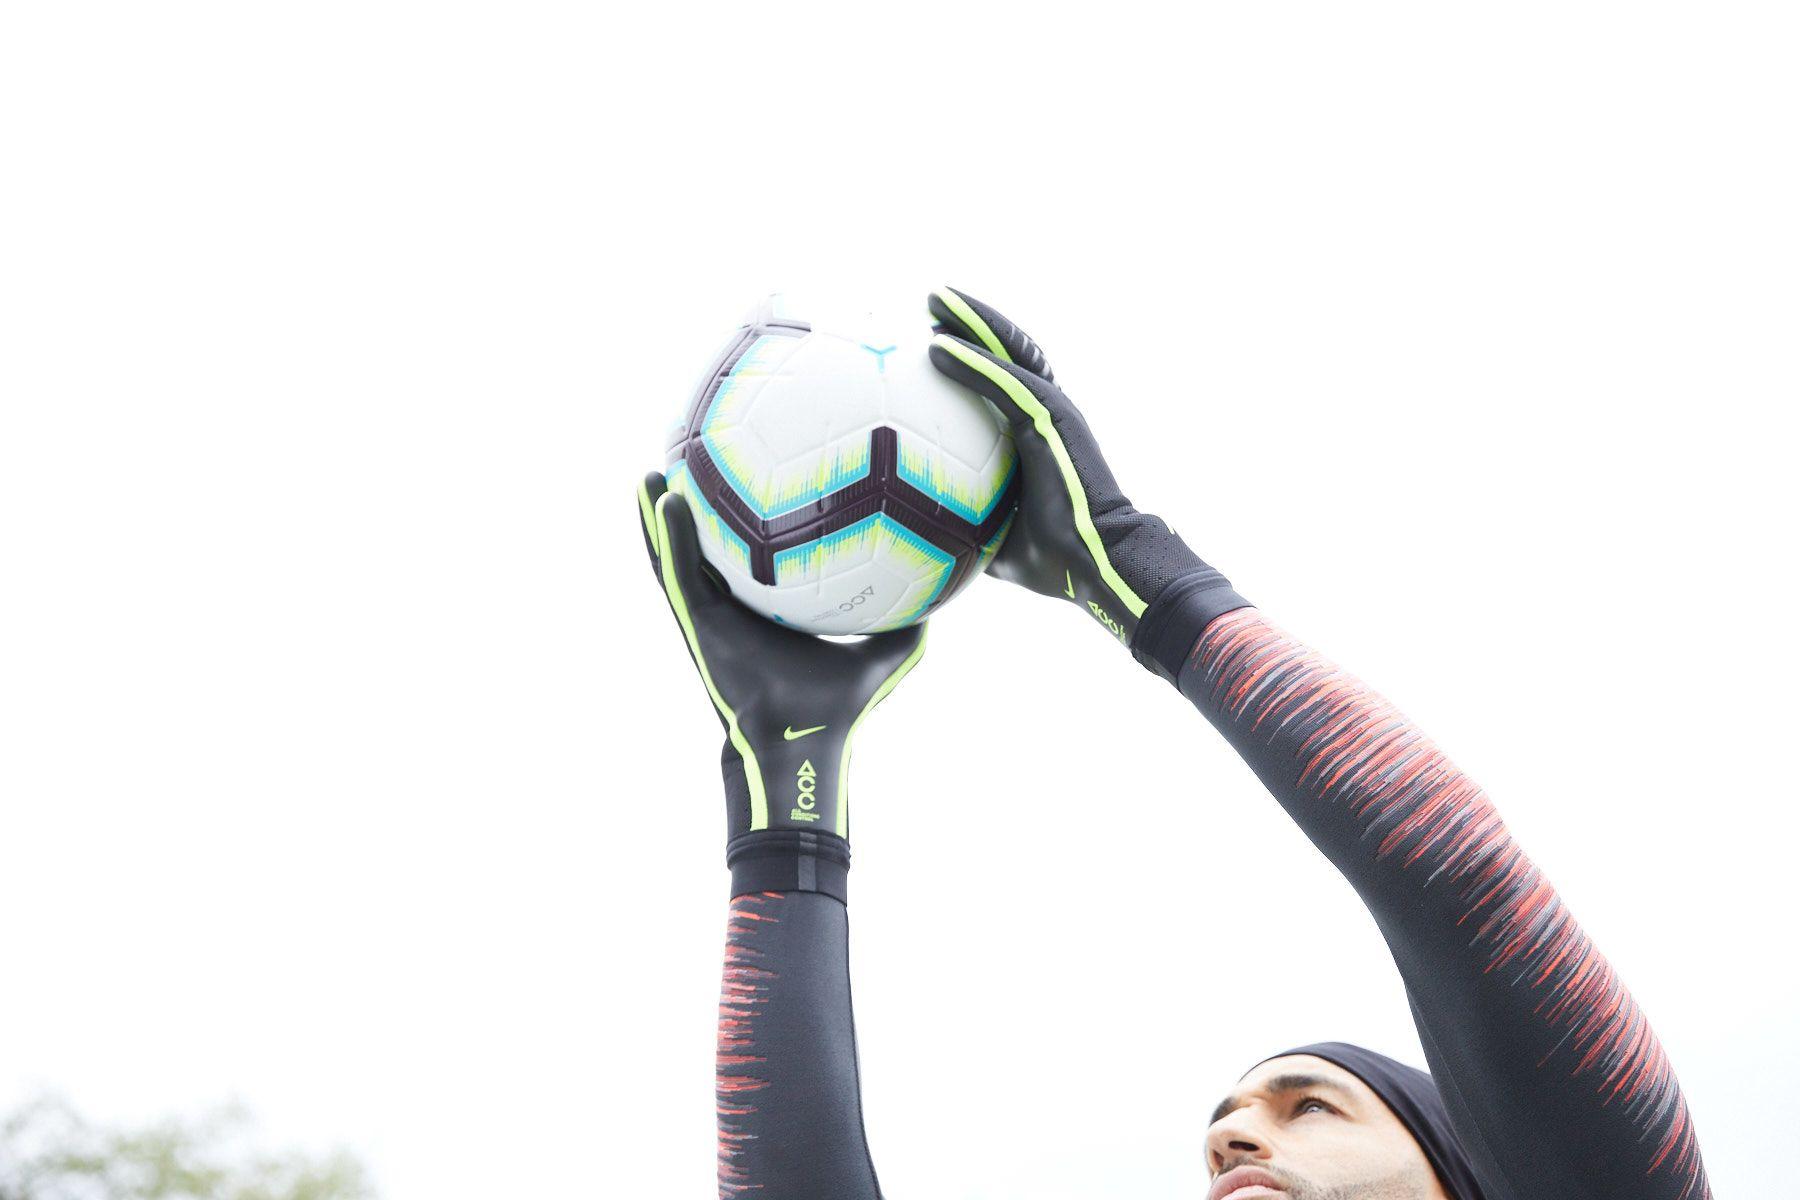 What's My Goalkeeper Glove Size? | Nike Help